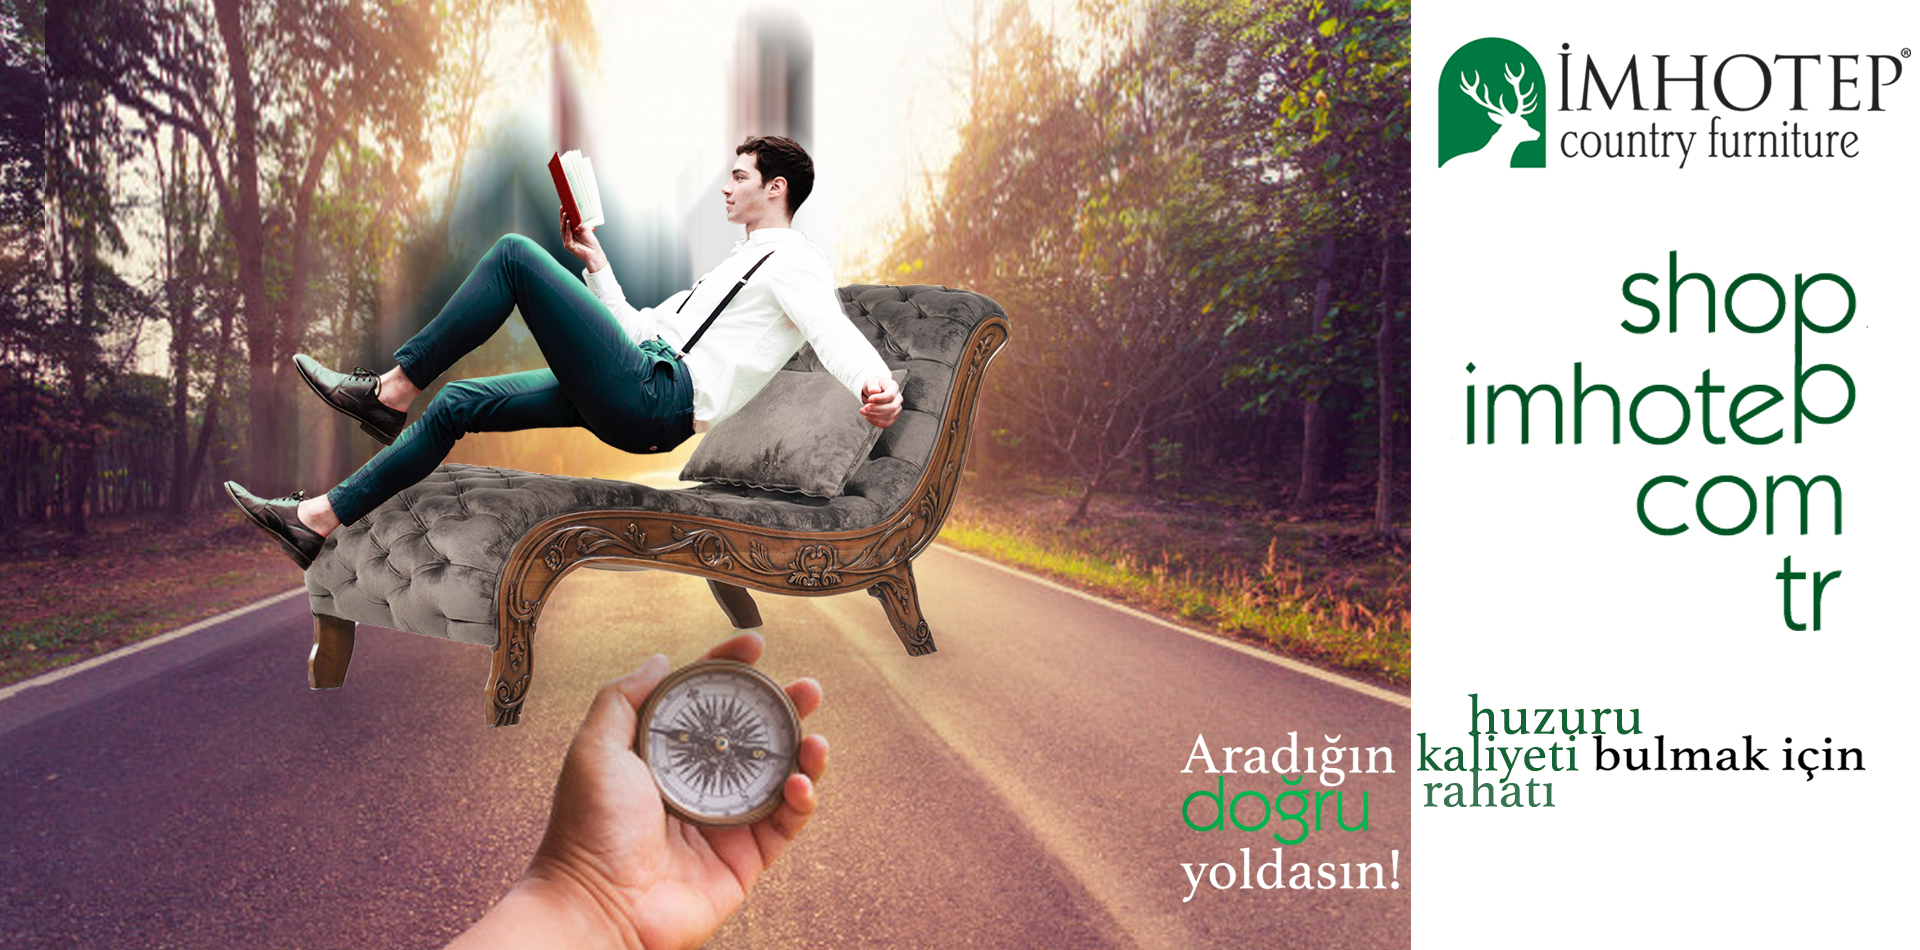 IMHOTEP MOBİLYA